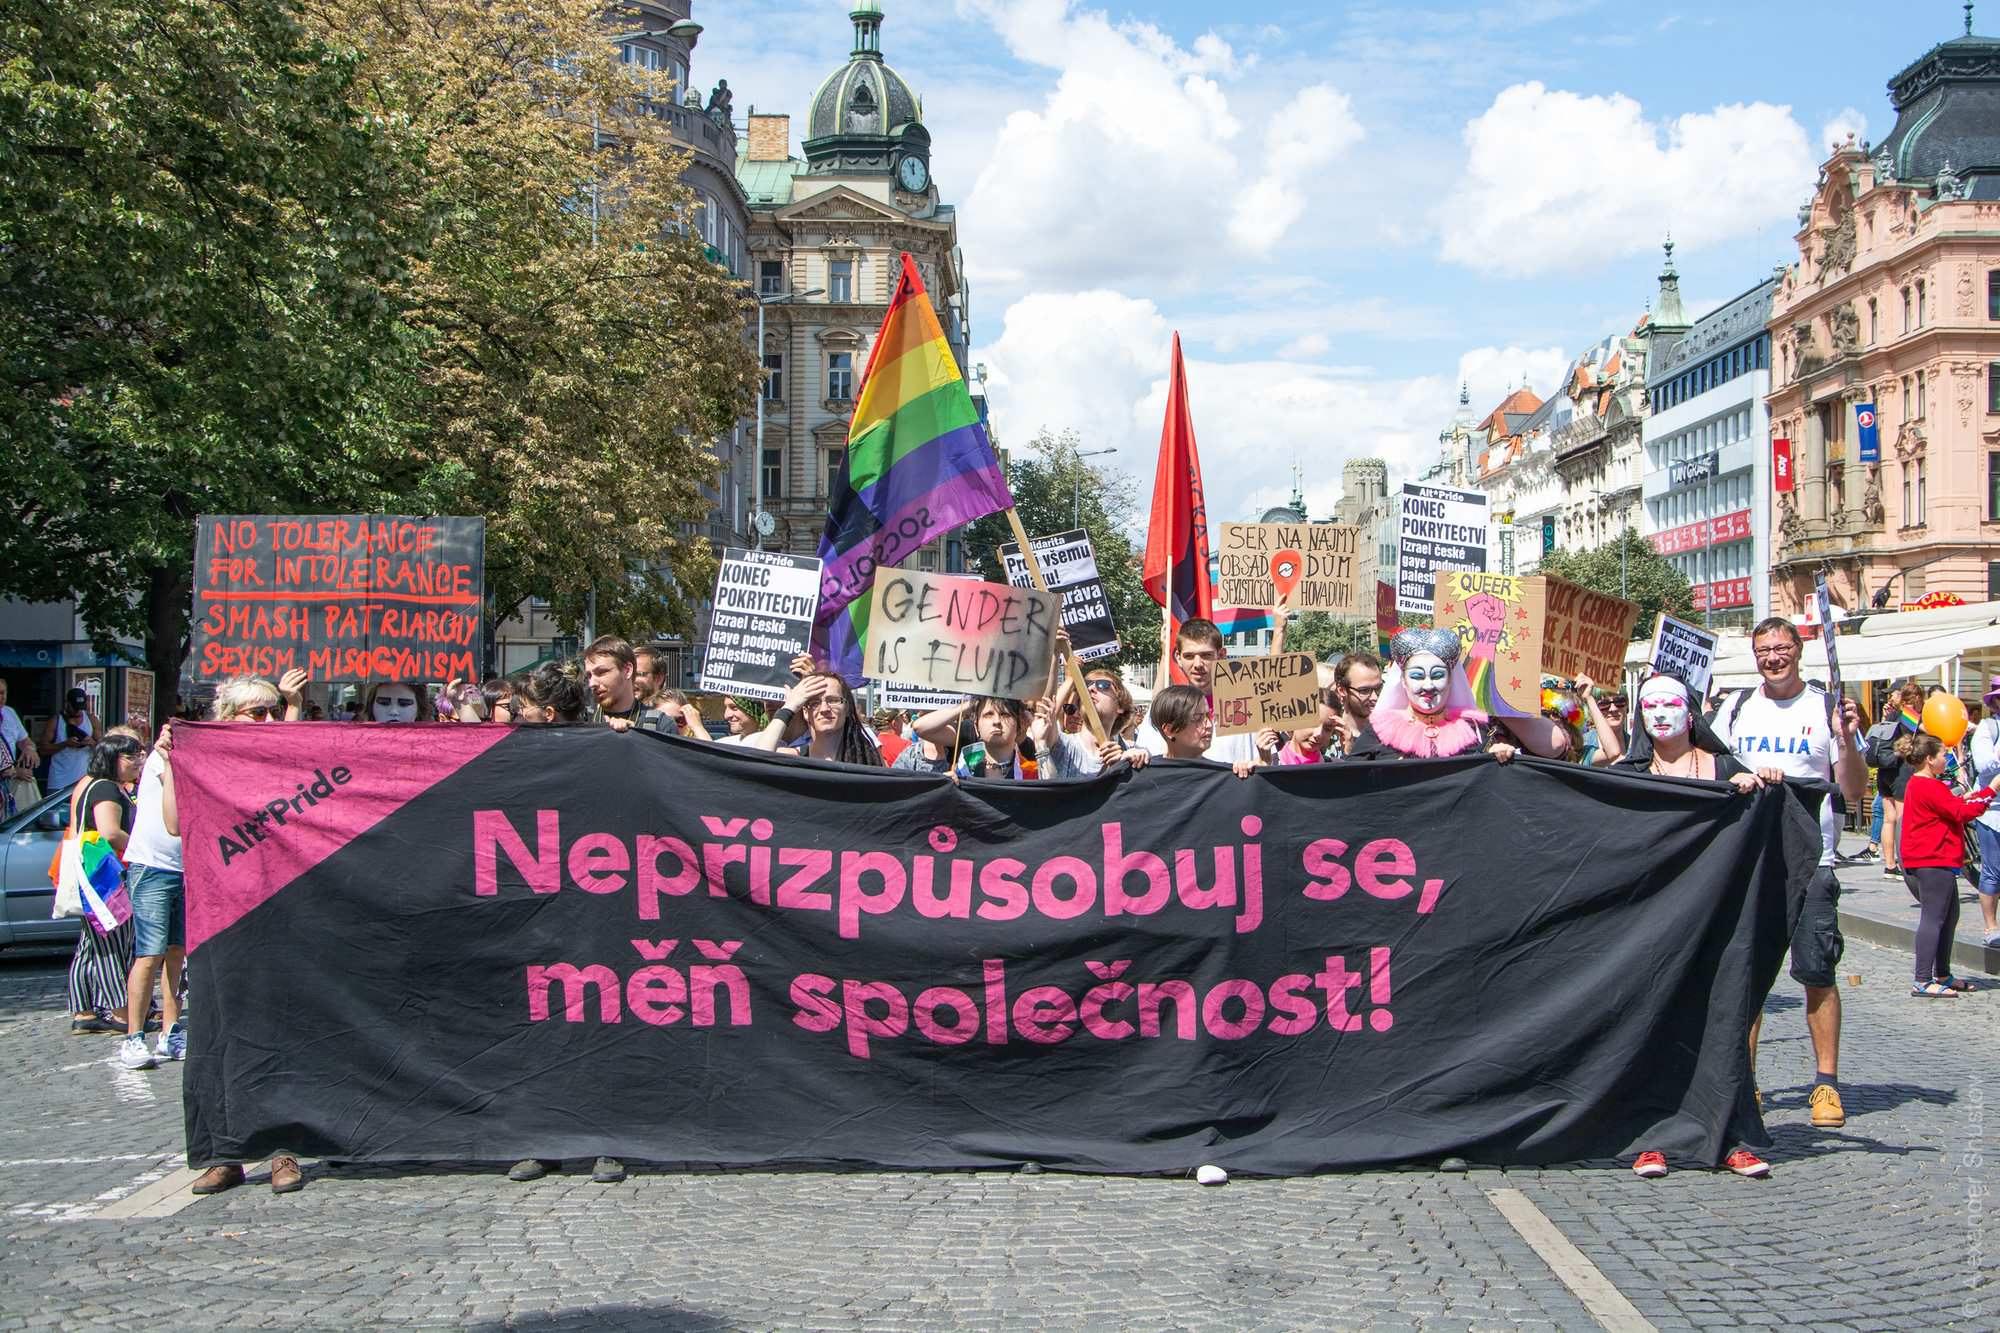 Надпись на полотне: «Не приспосабливайся, меняй общество!»